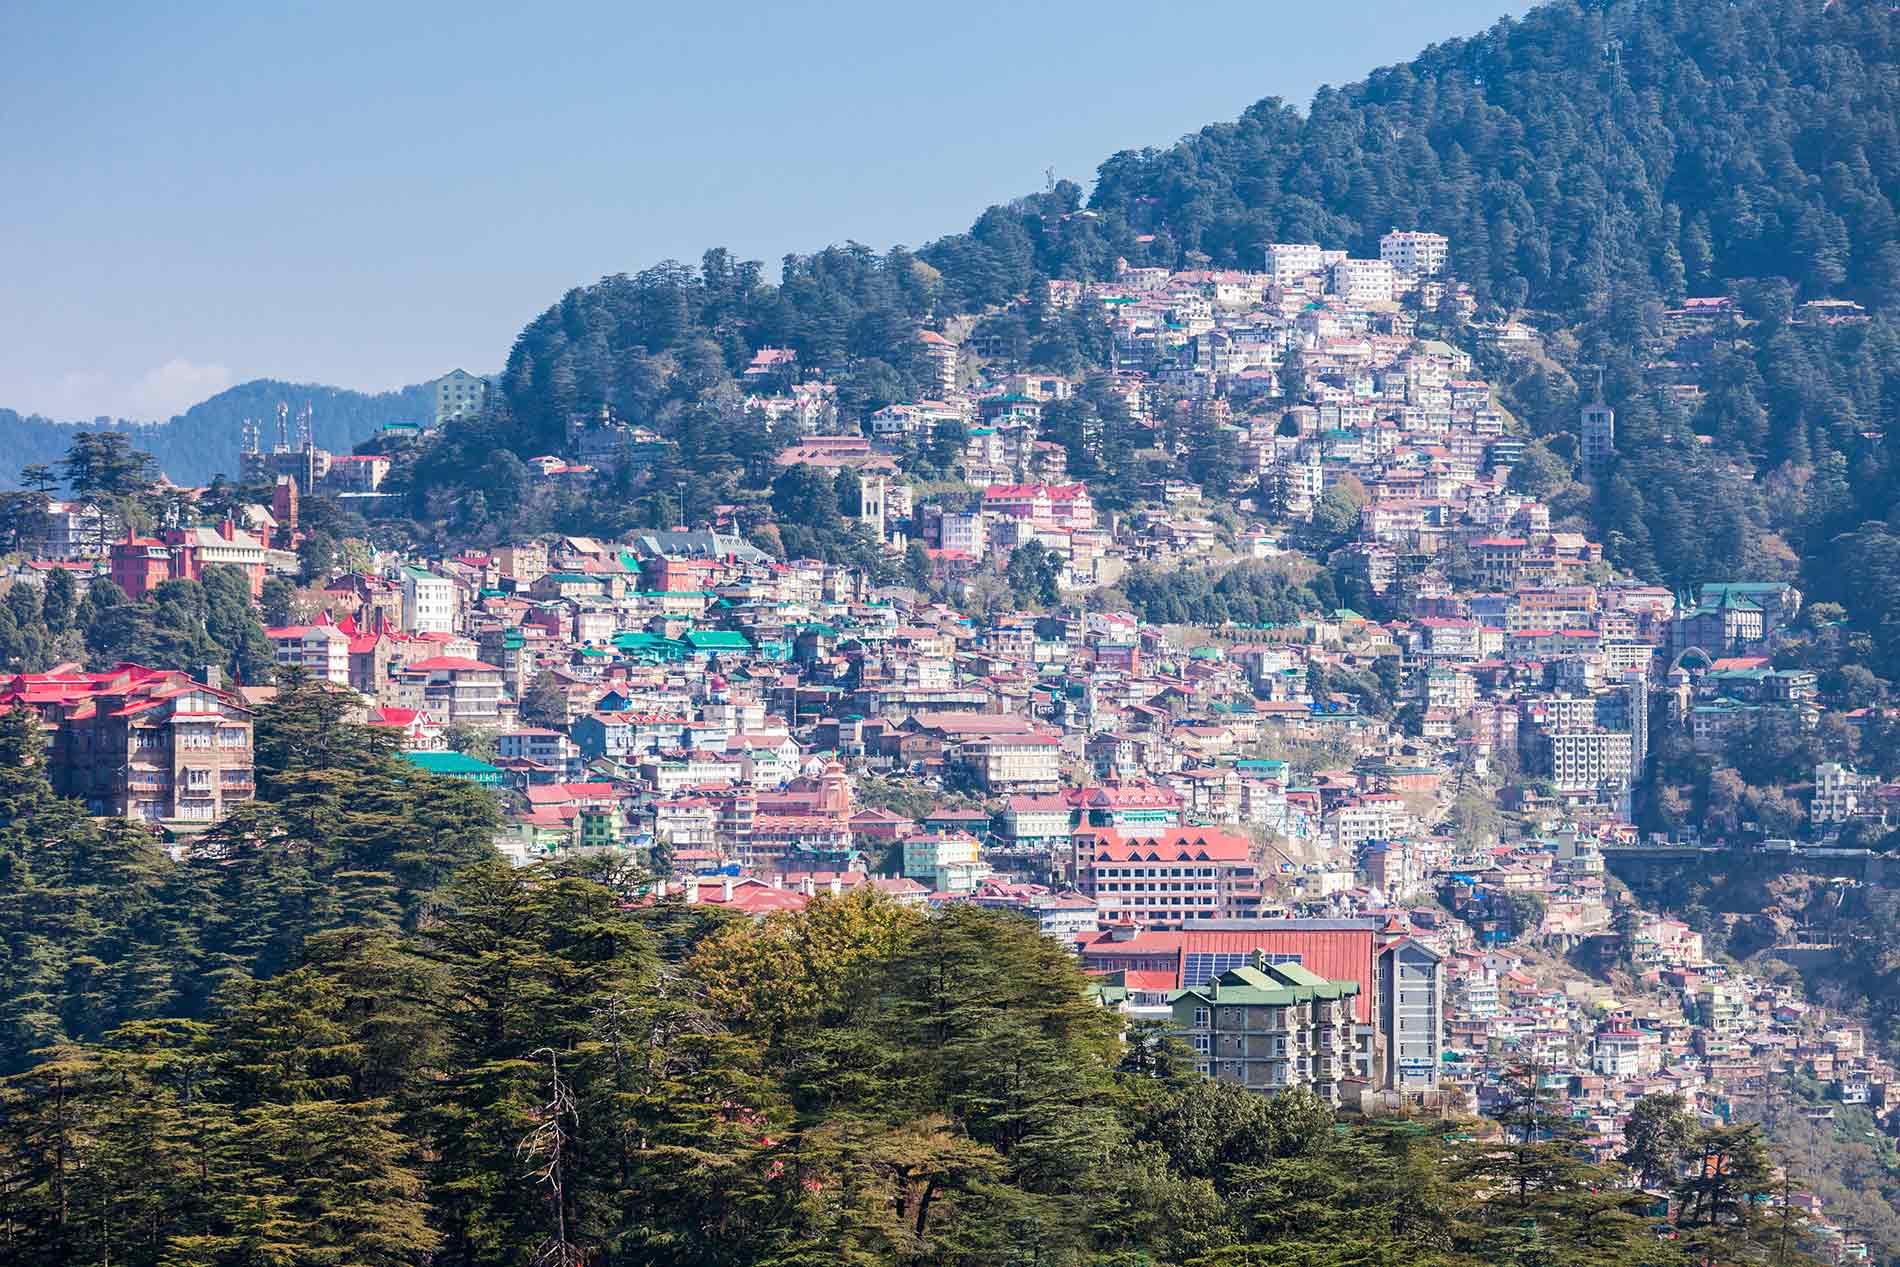 Trip to Solan, Himachal Pradesh